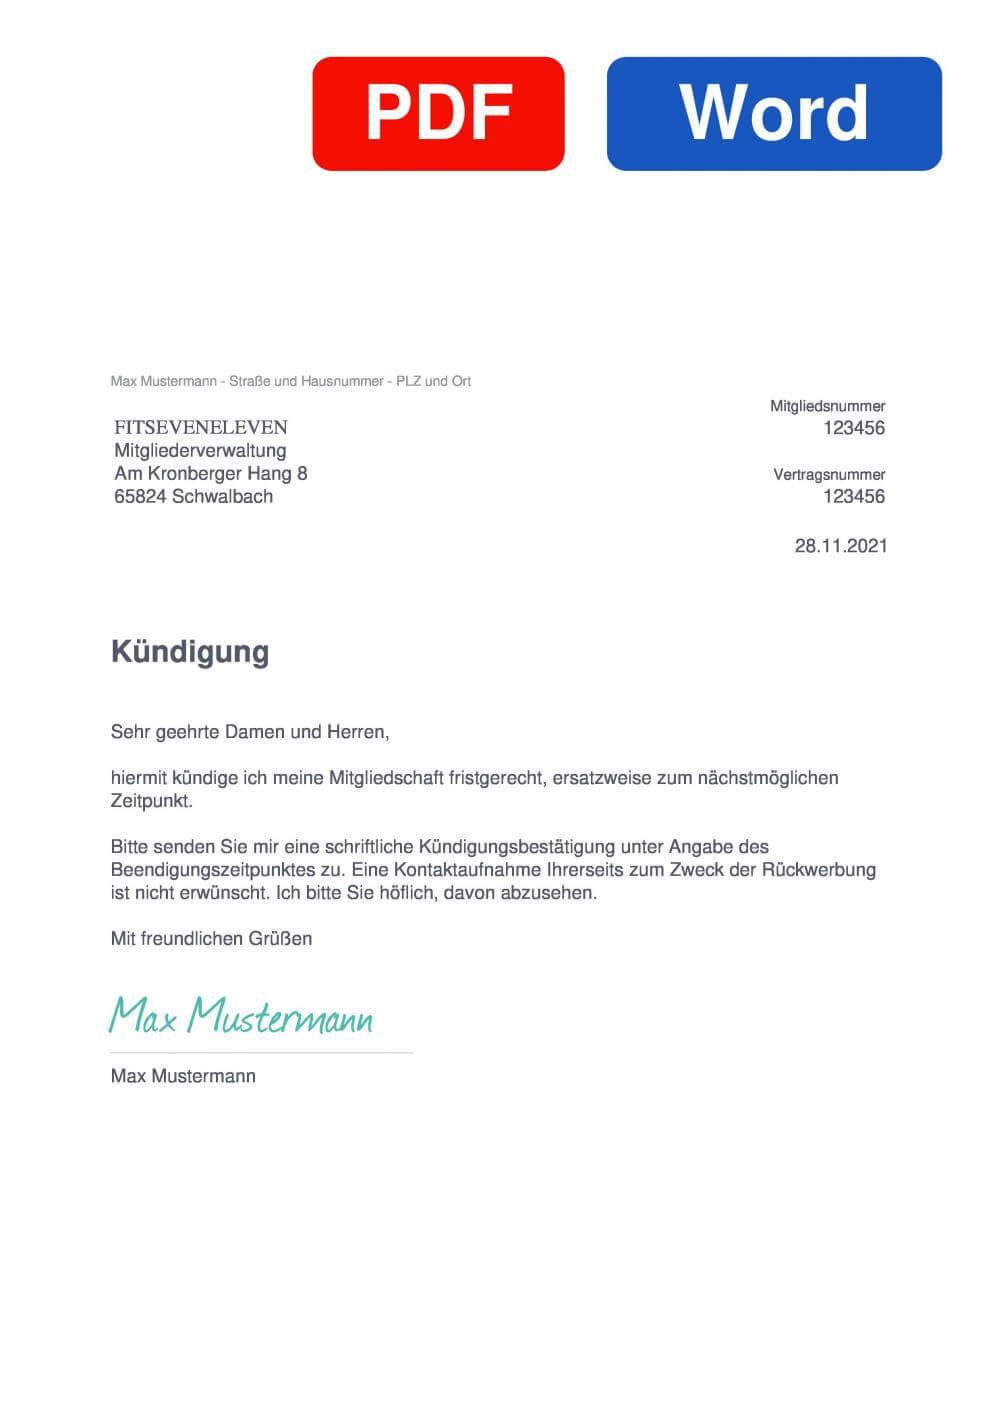 FITSEVENELEVEN Muster Vorlage für Kündigungsschreiben